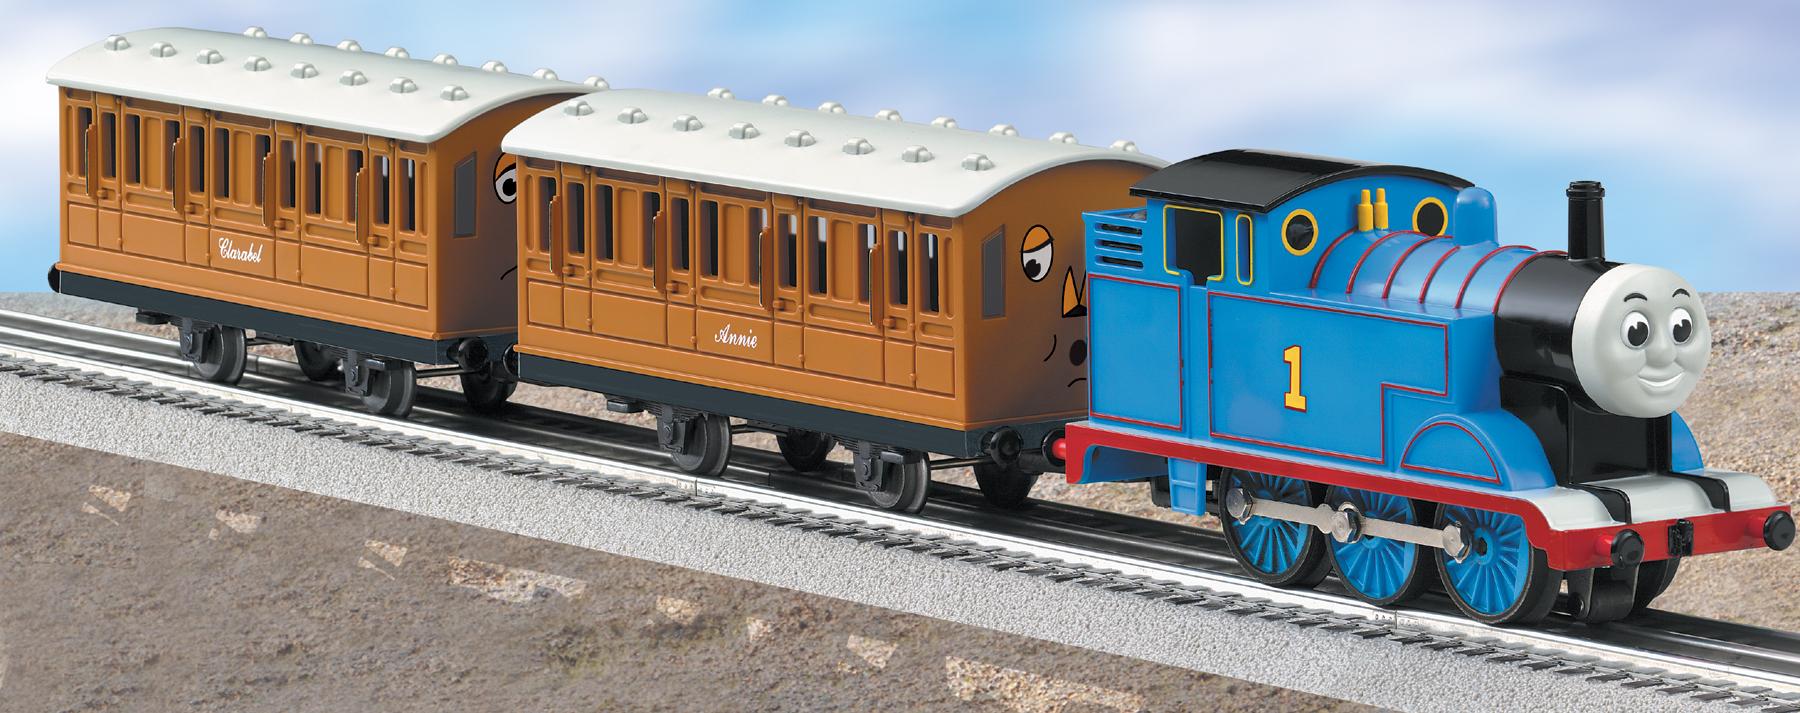 Lionel Wiring Schematics Dolgular – Lionel Trains 8602 Wiring Schematics